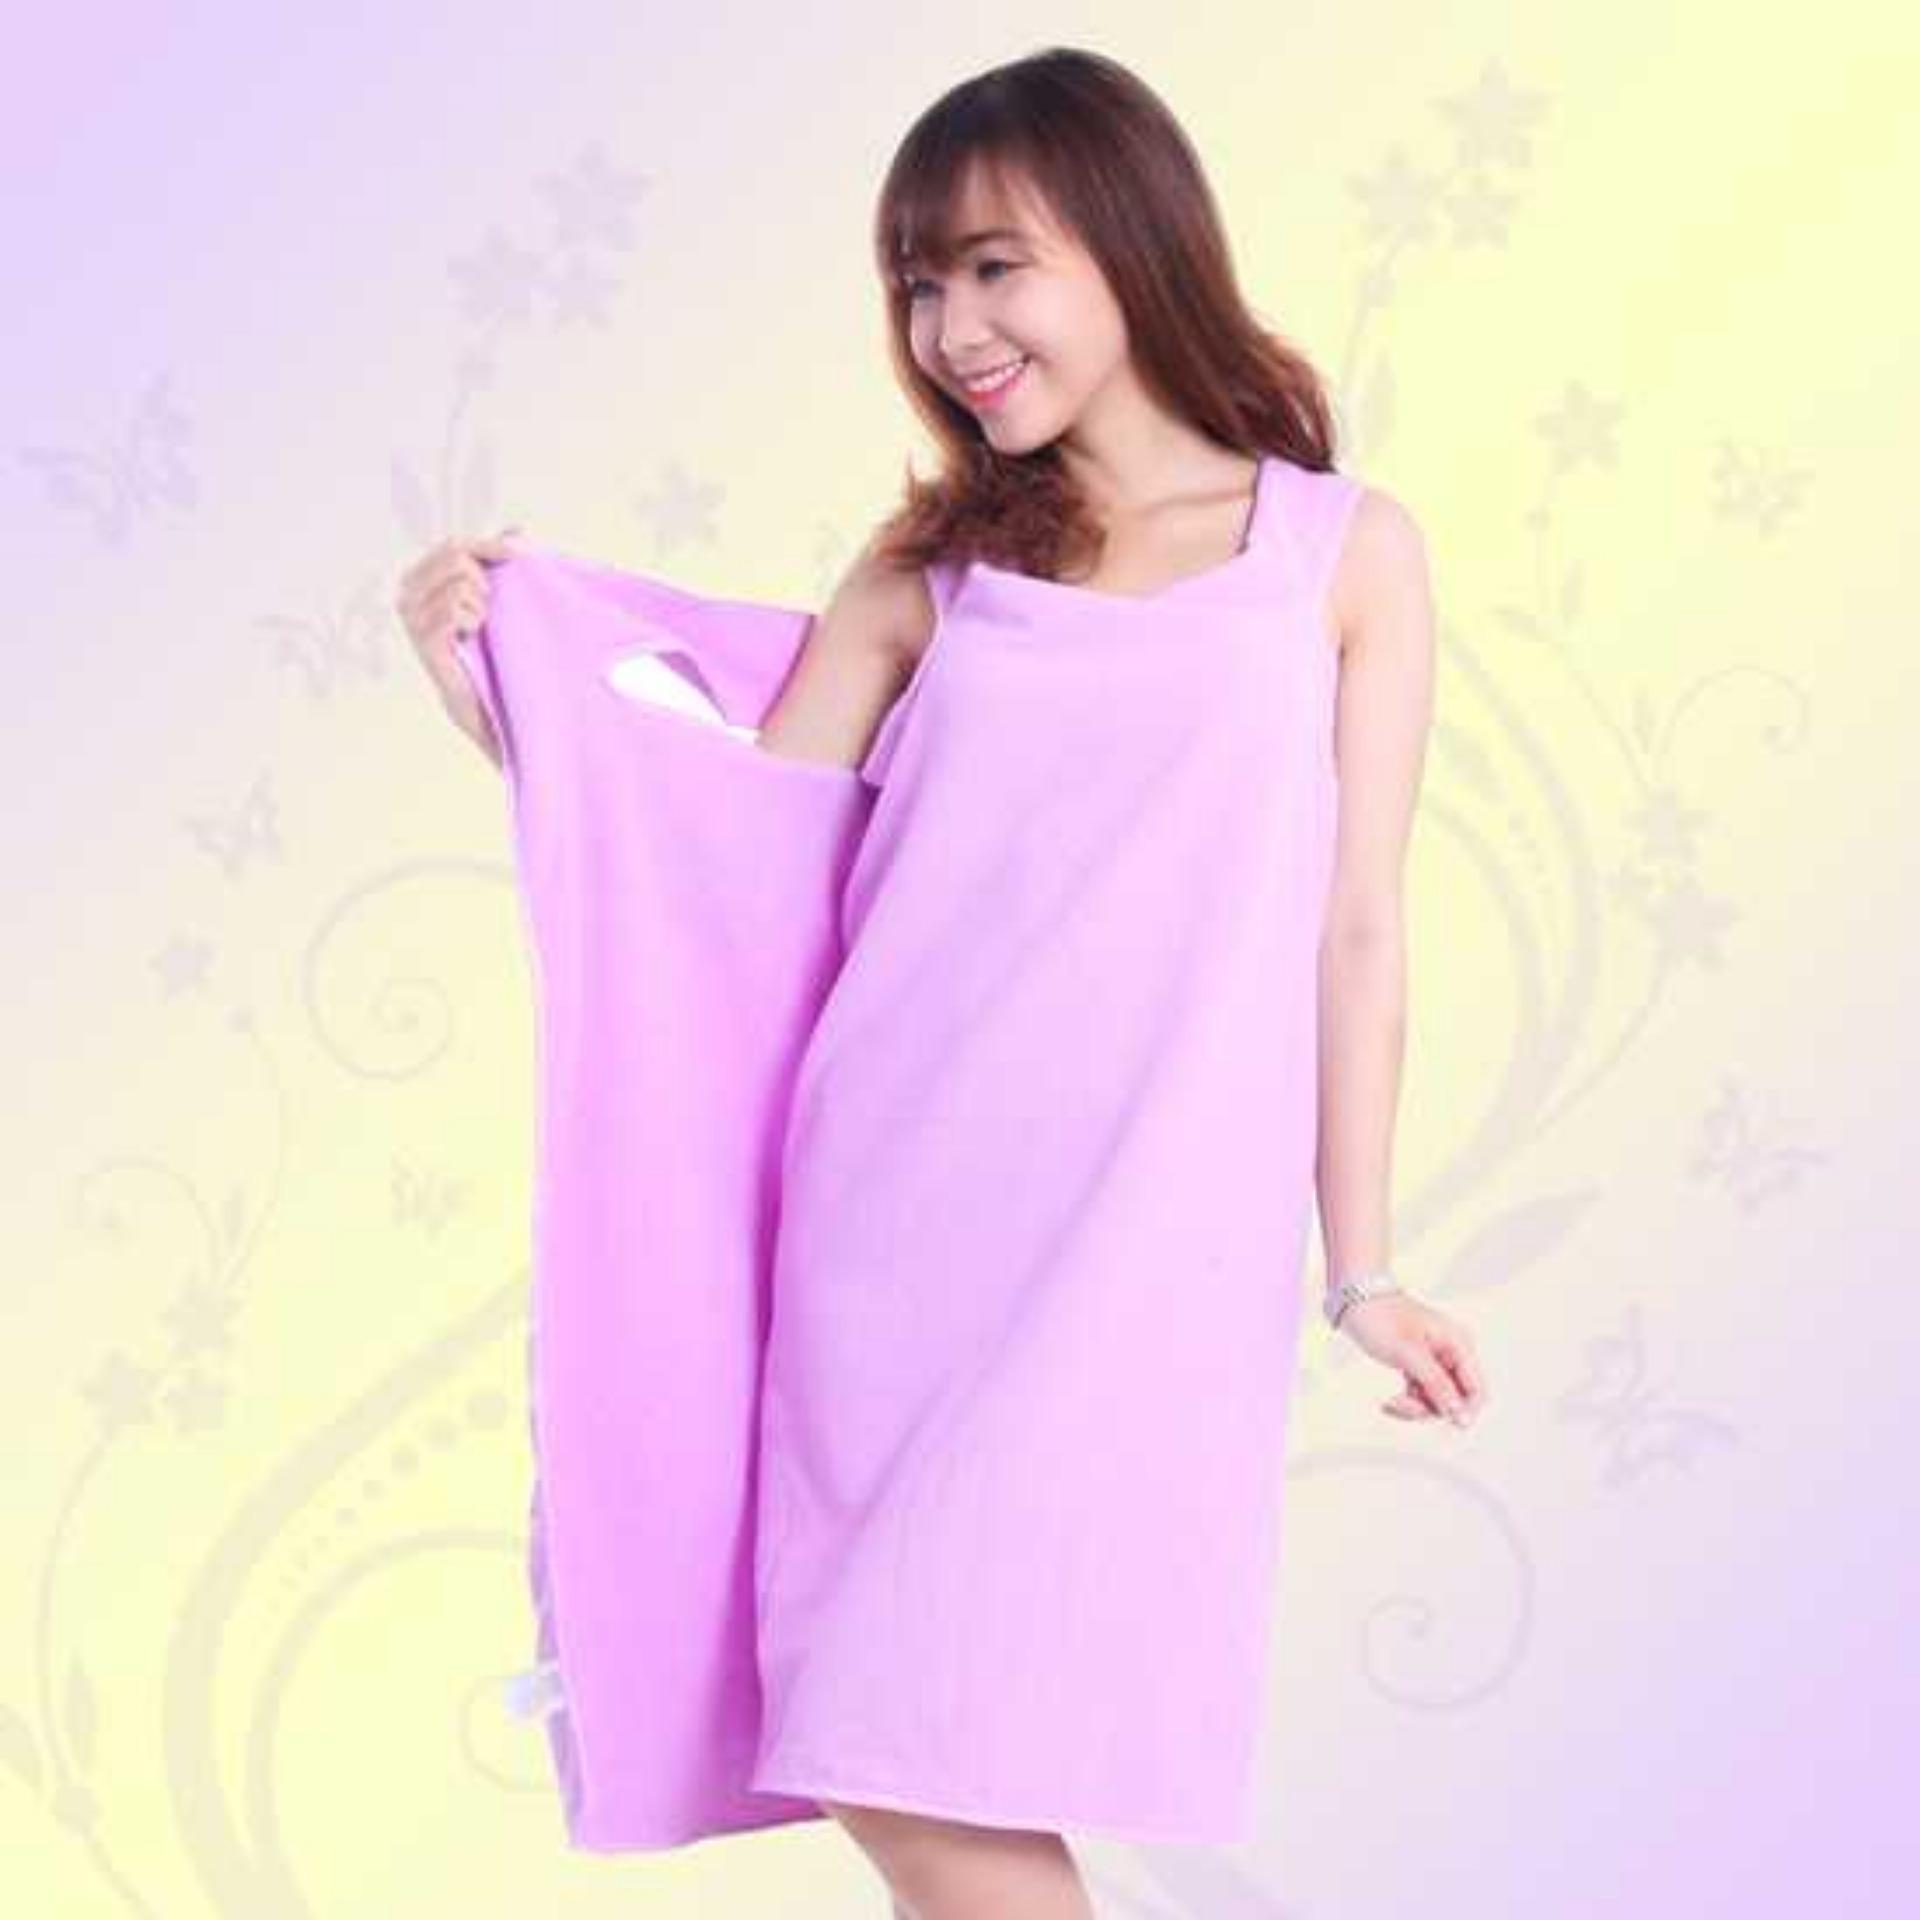 KHĂN TẮM 2 TRONG 1 (Vừa là khăn vừa là áo)